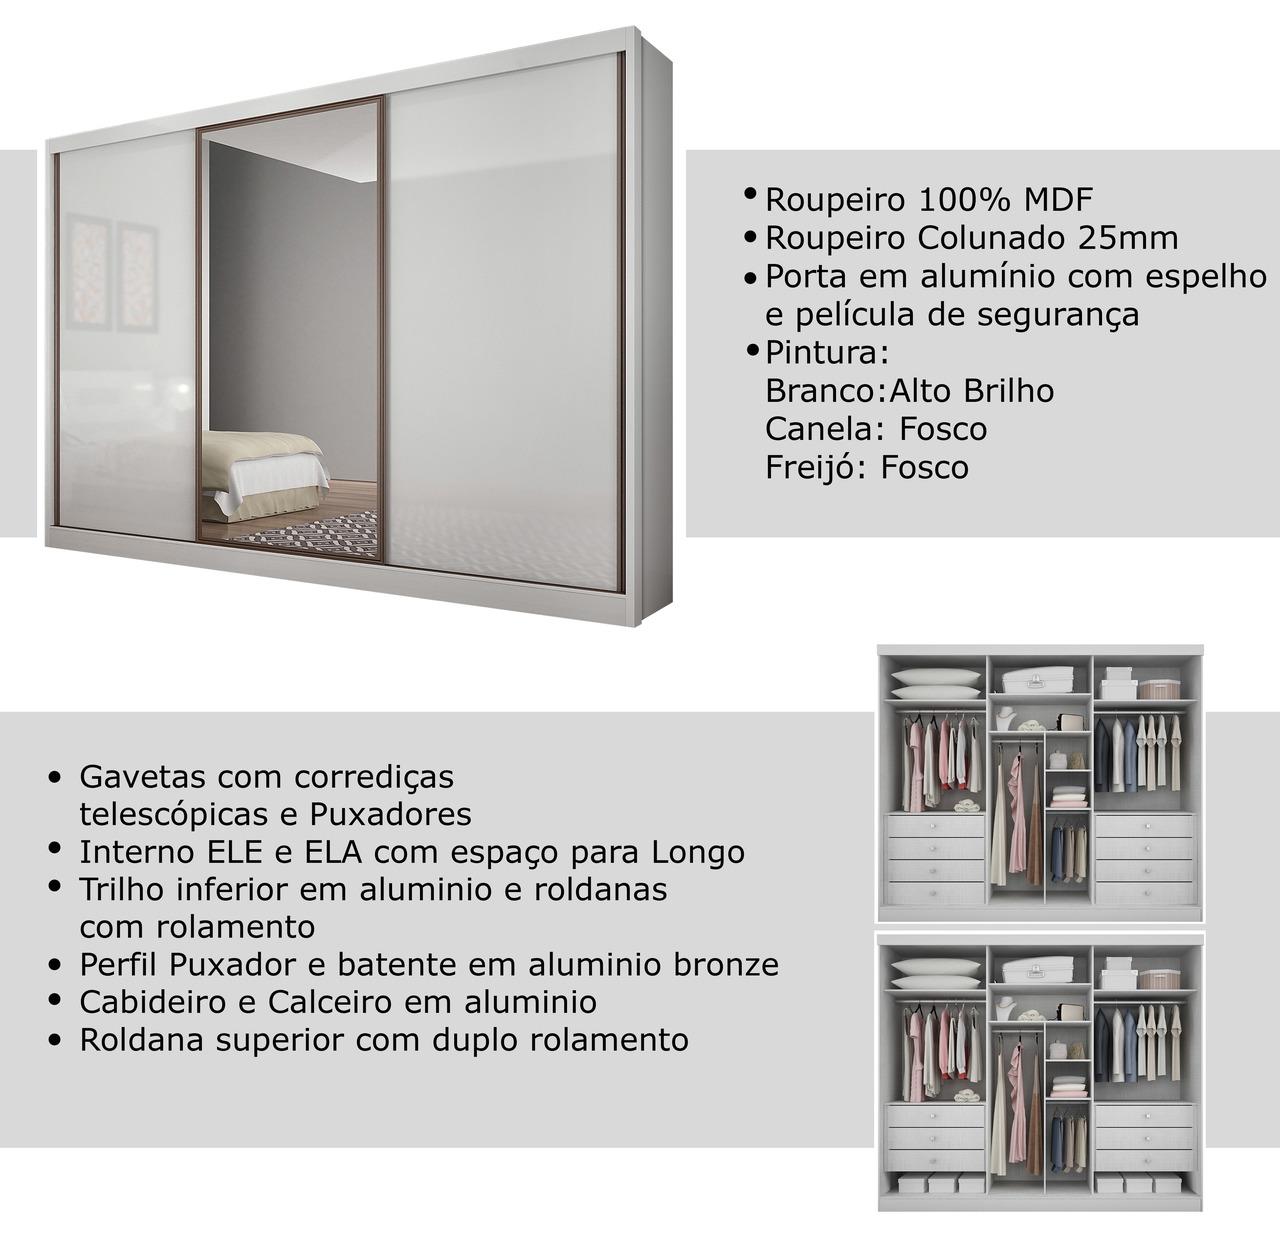 Guarda Roupa Casal com Espelho 3 Portas 8 Gavetas Spazzio Novo Horizonte